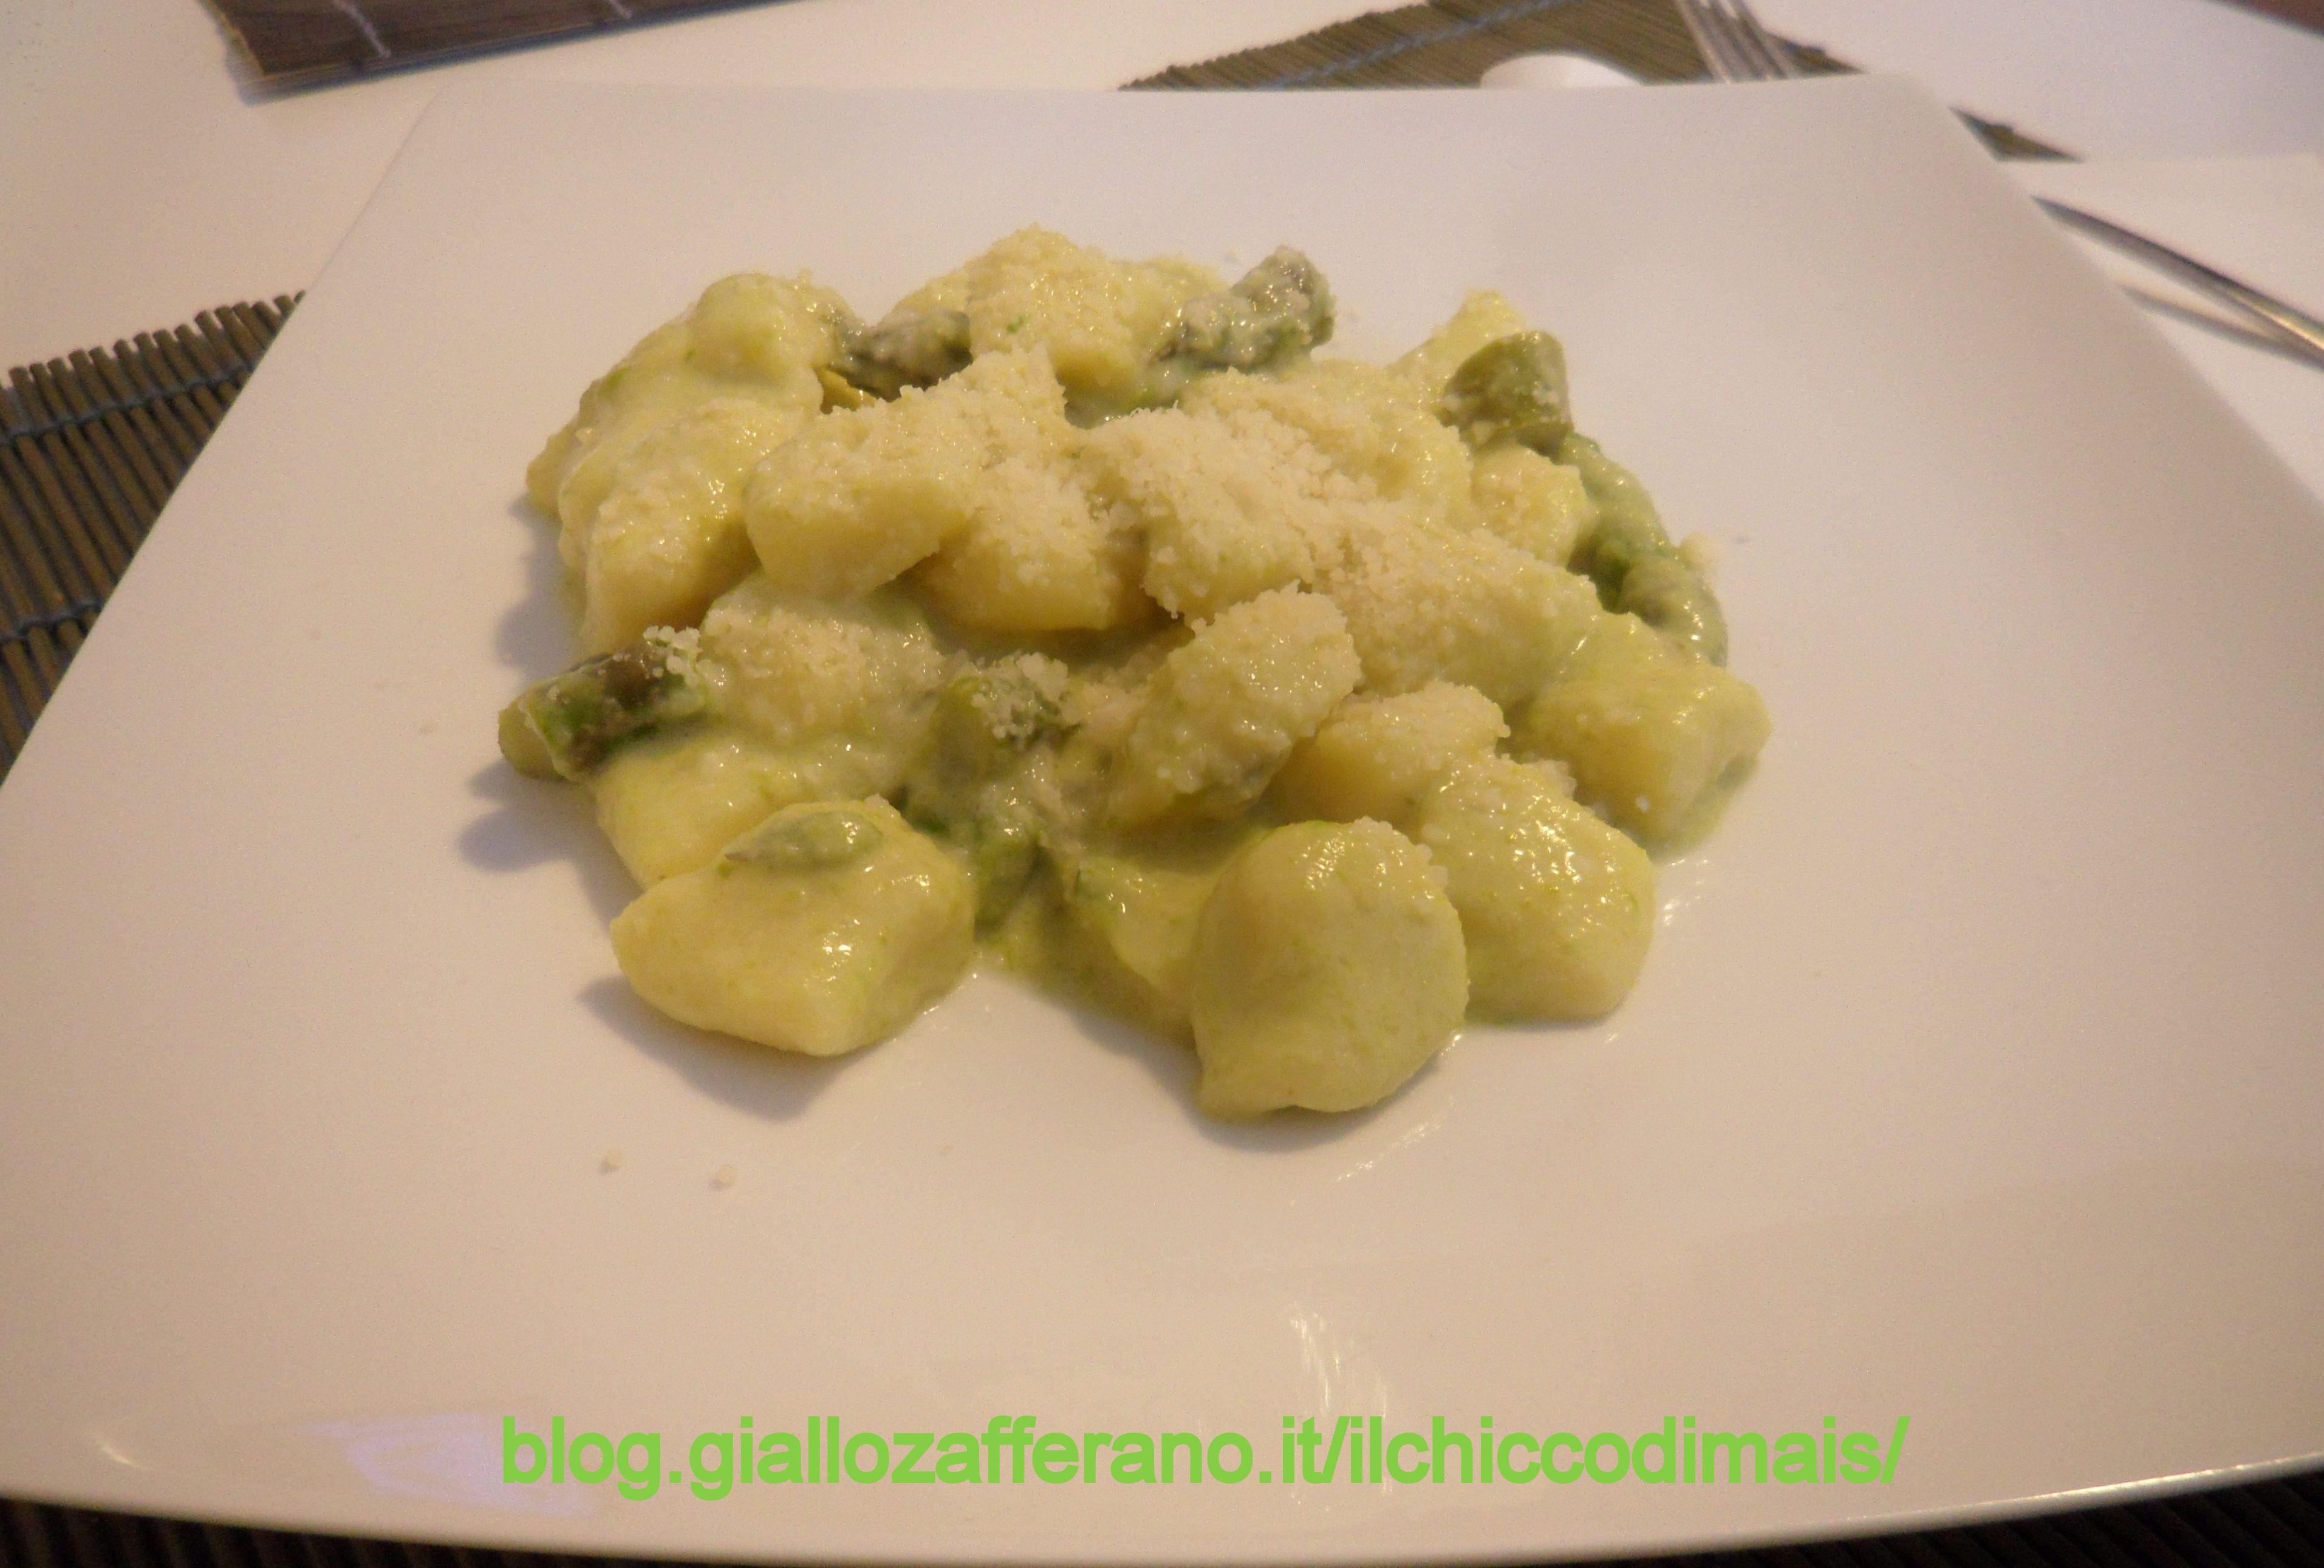 gnocchi senza glutine alla crema di asparagi e stracchino  http://blog.giallozafferano.it/ilchiccodimais/gnocchi-alla-crema-di-asparagi-e-stracchino/